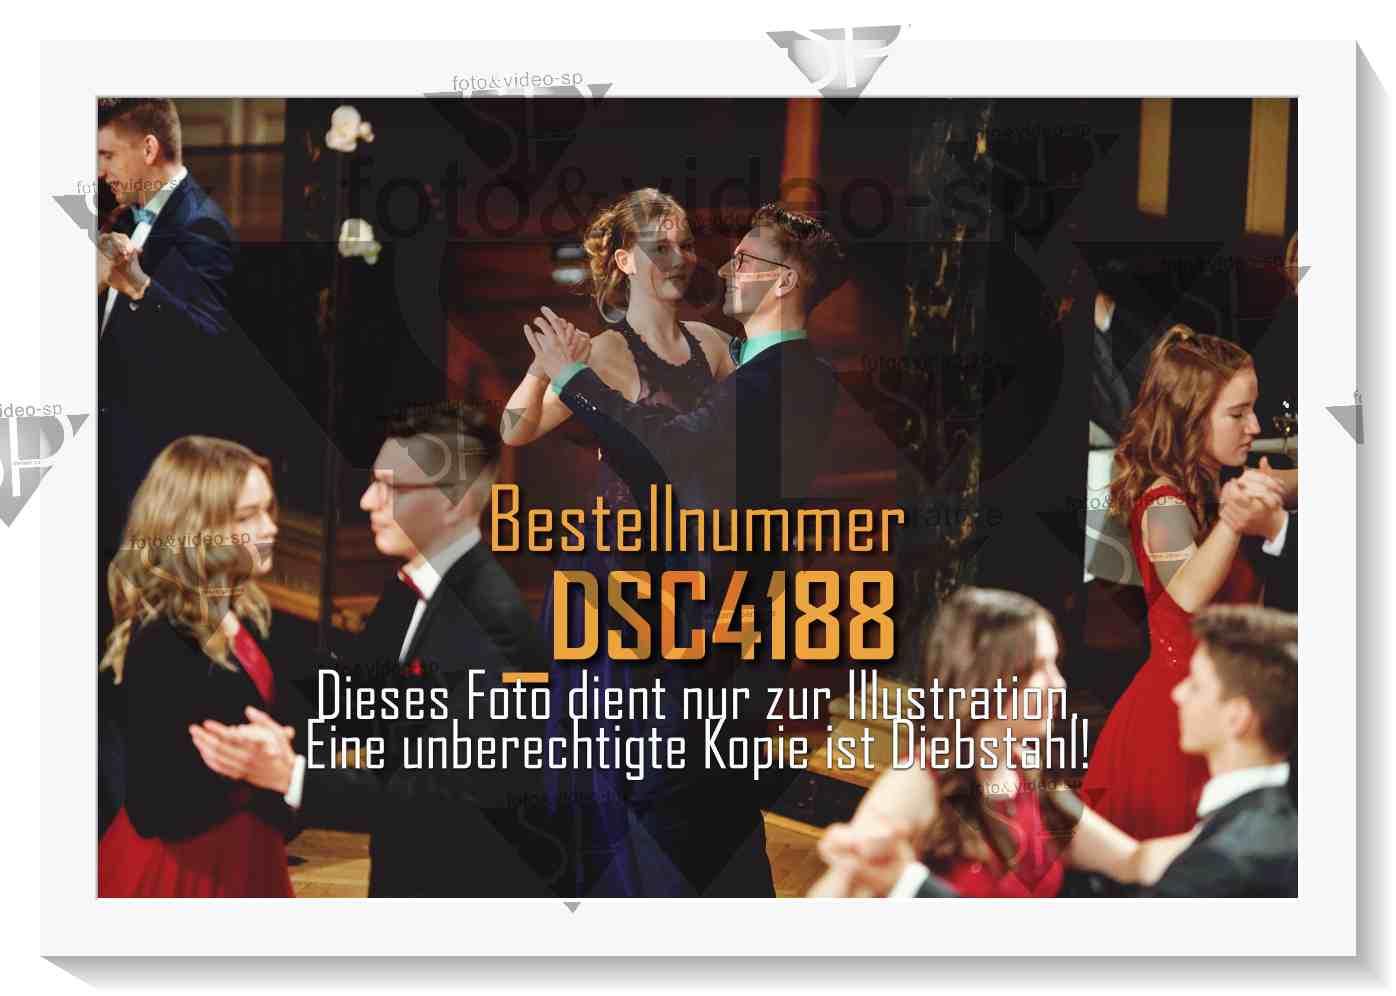 DSC4188